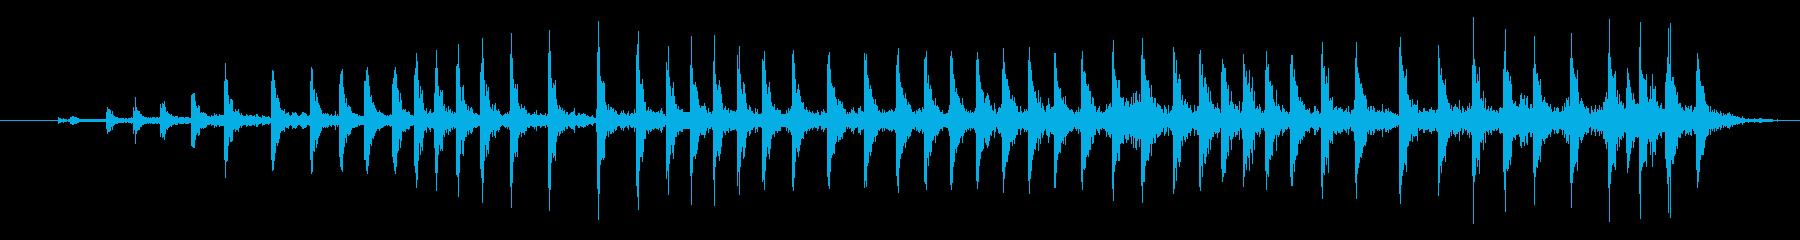 中程度のウッドプレッシャークリークの再生済みの波形